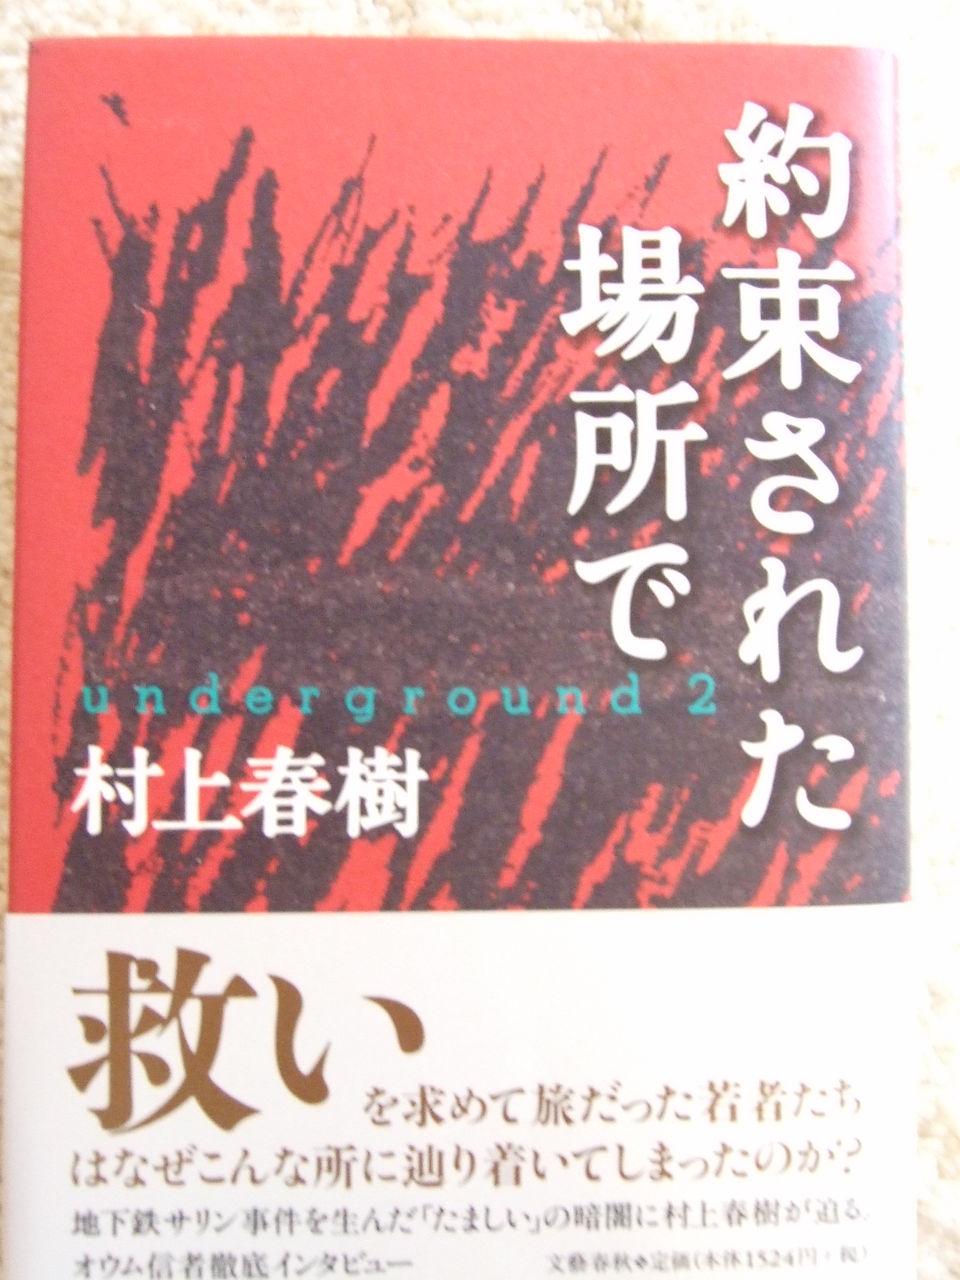 村上春樹補完計画 1998年11月